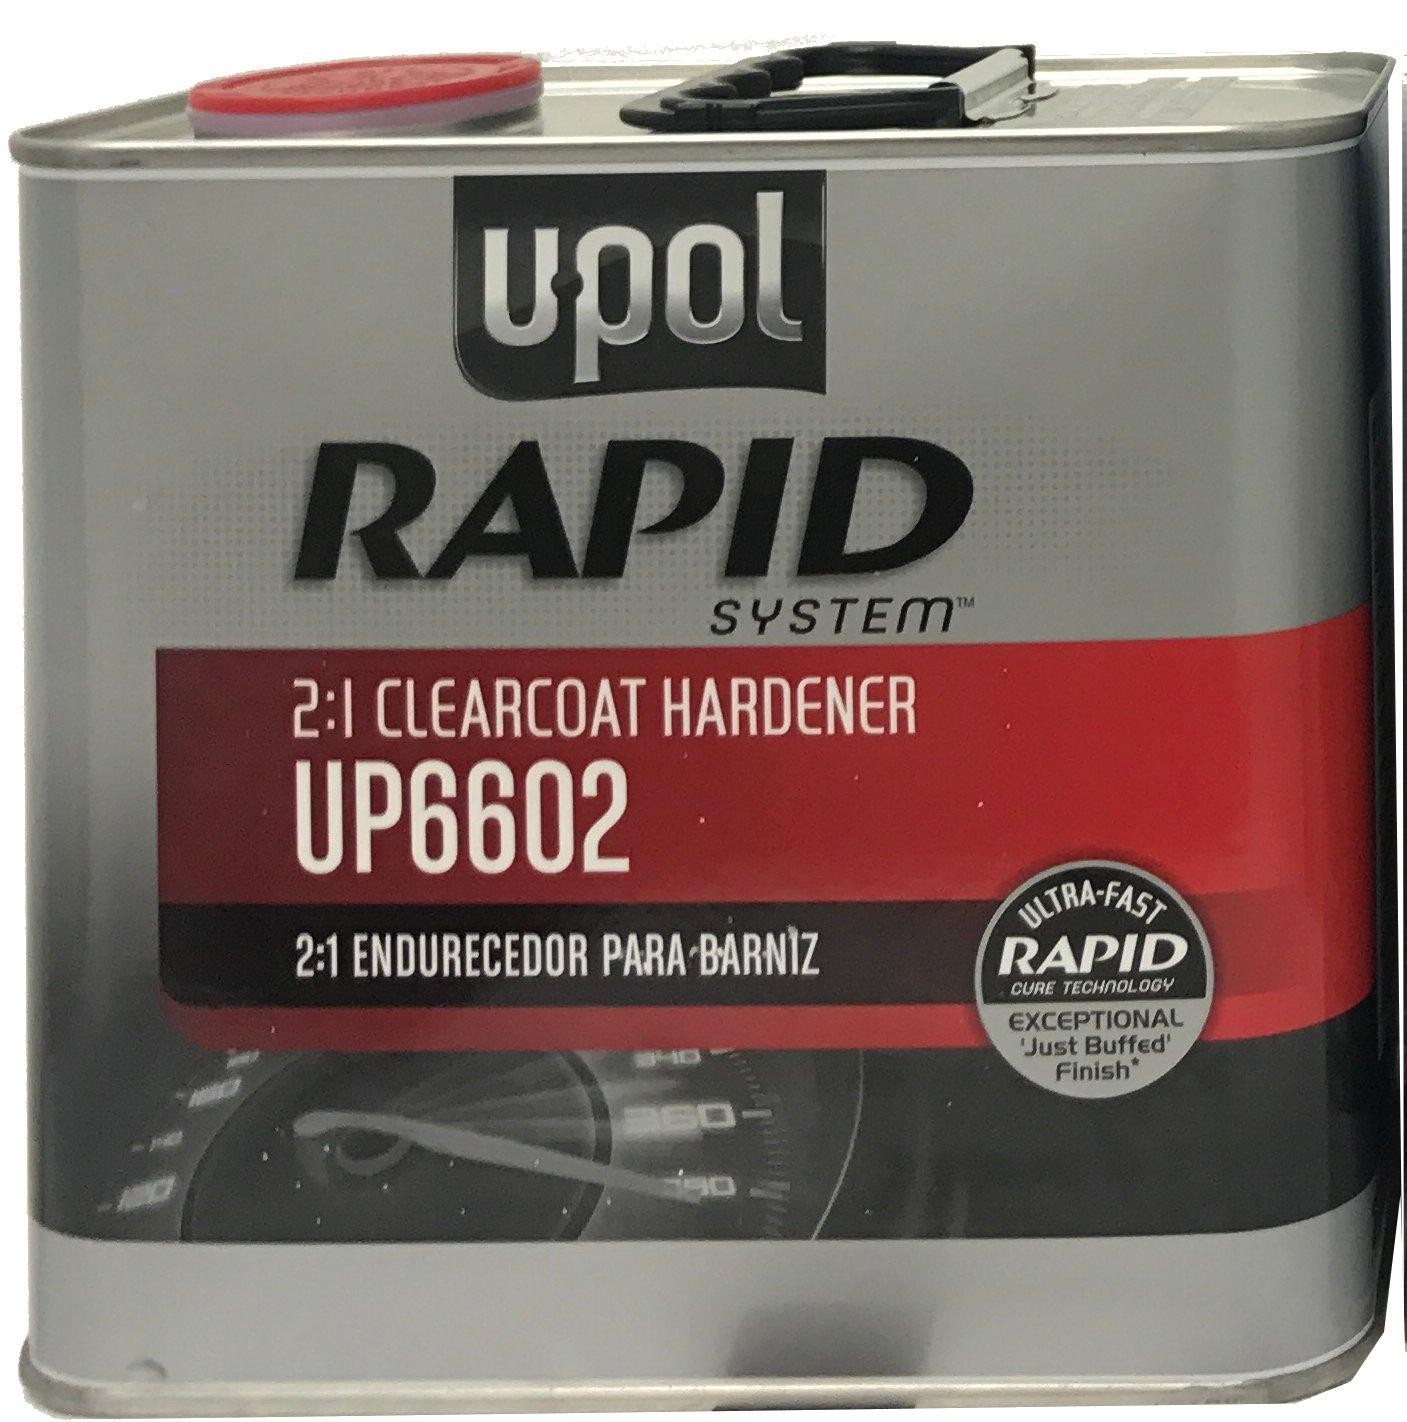 U-Pol RAPID SYSTEM CLEARCOAT HARDENER UP6602 2.5 Liters